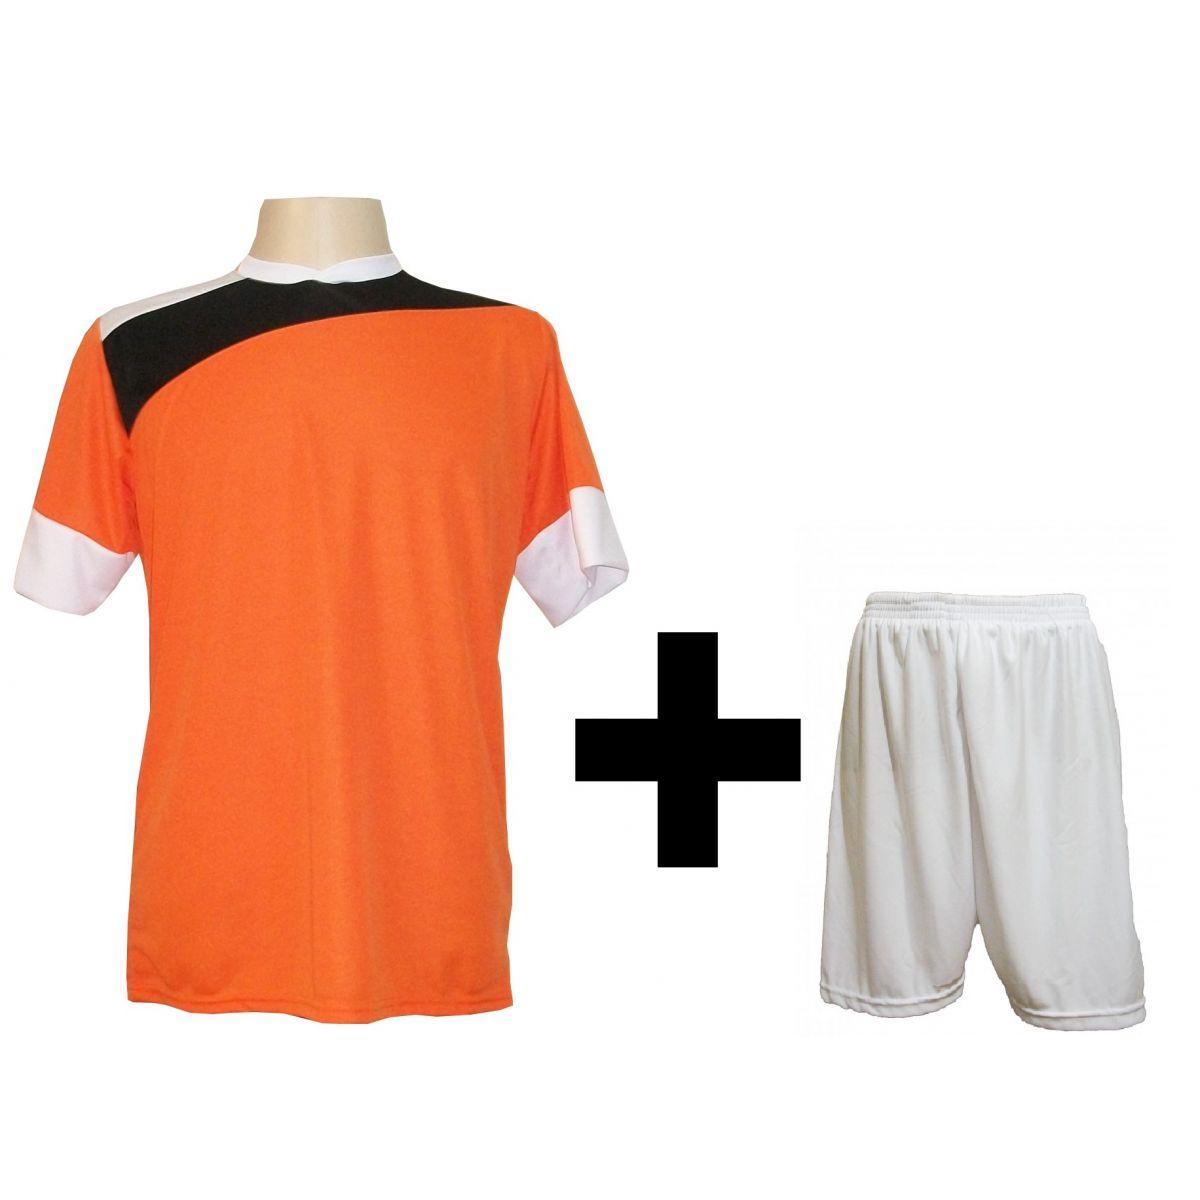 Uniforme Esportivo com 14 camisas modelo Sporting Laranja/Preto/Branco + 14 calções modelo Madrid + 1 Goleiro + Brindes